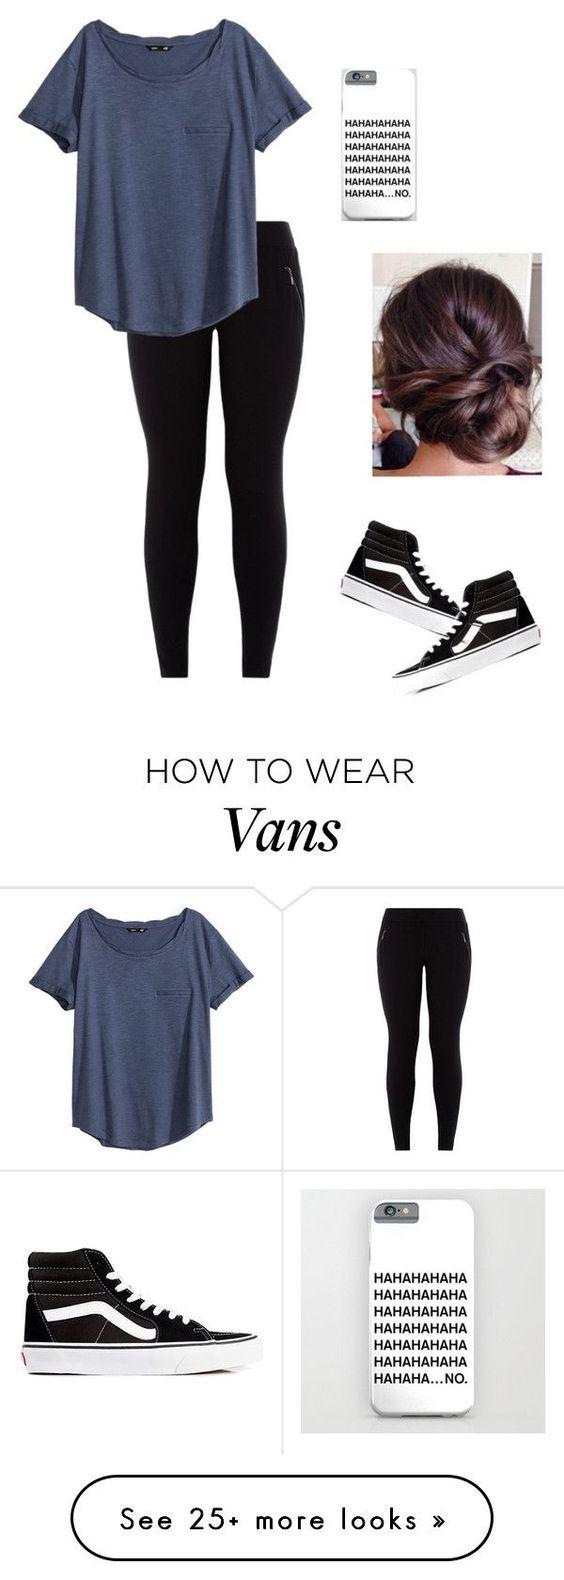 Van Cool vans and Vans women on Pinterest